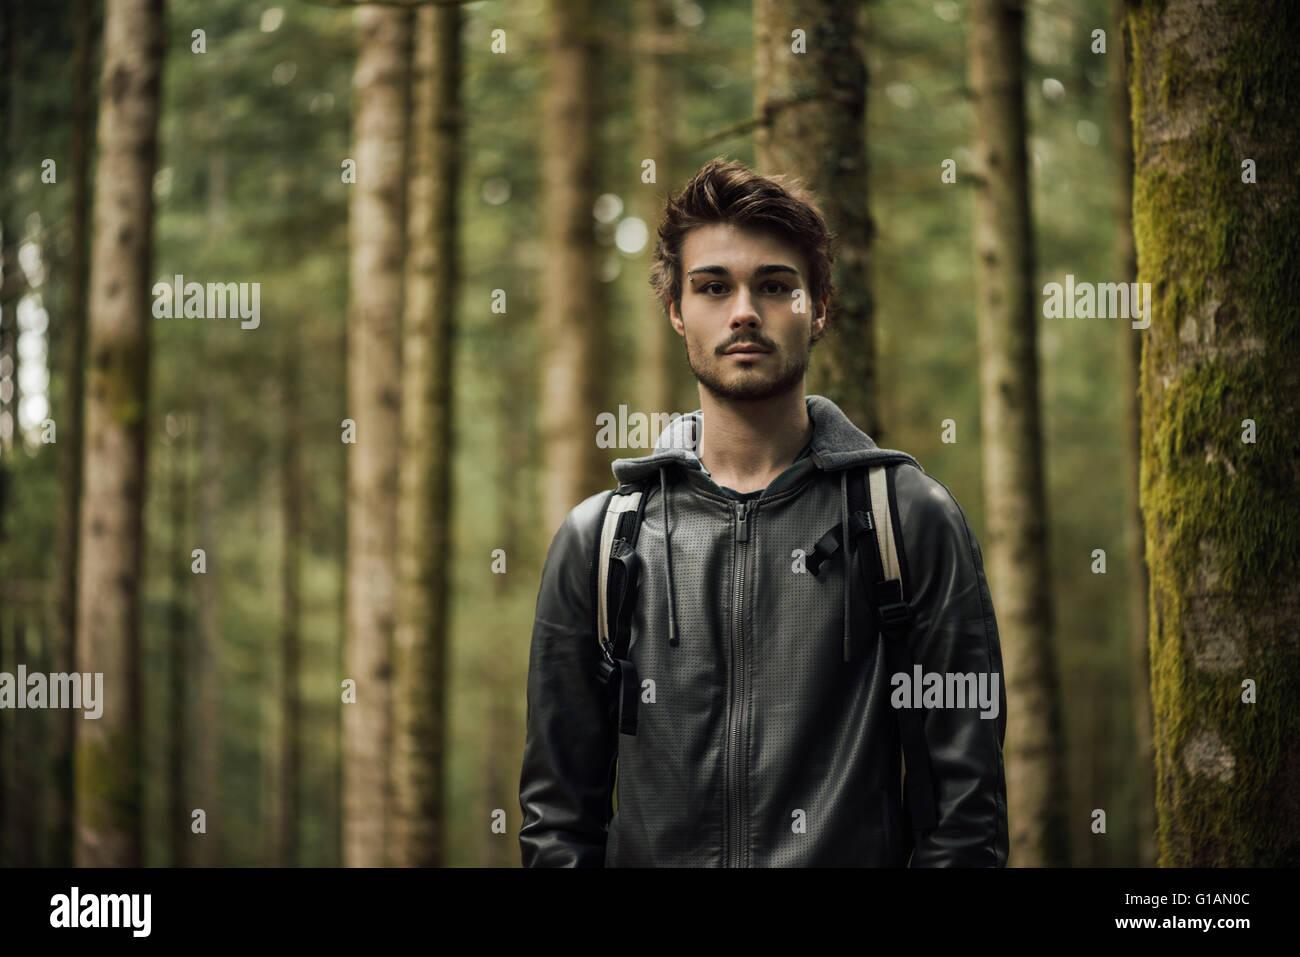 Giovane uomo bello esplorare una foresta, sta guardando la fotocamera Immagini Stock